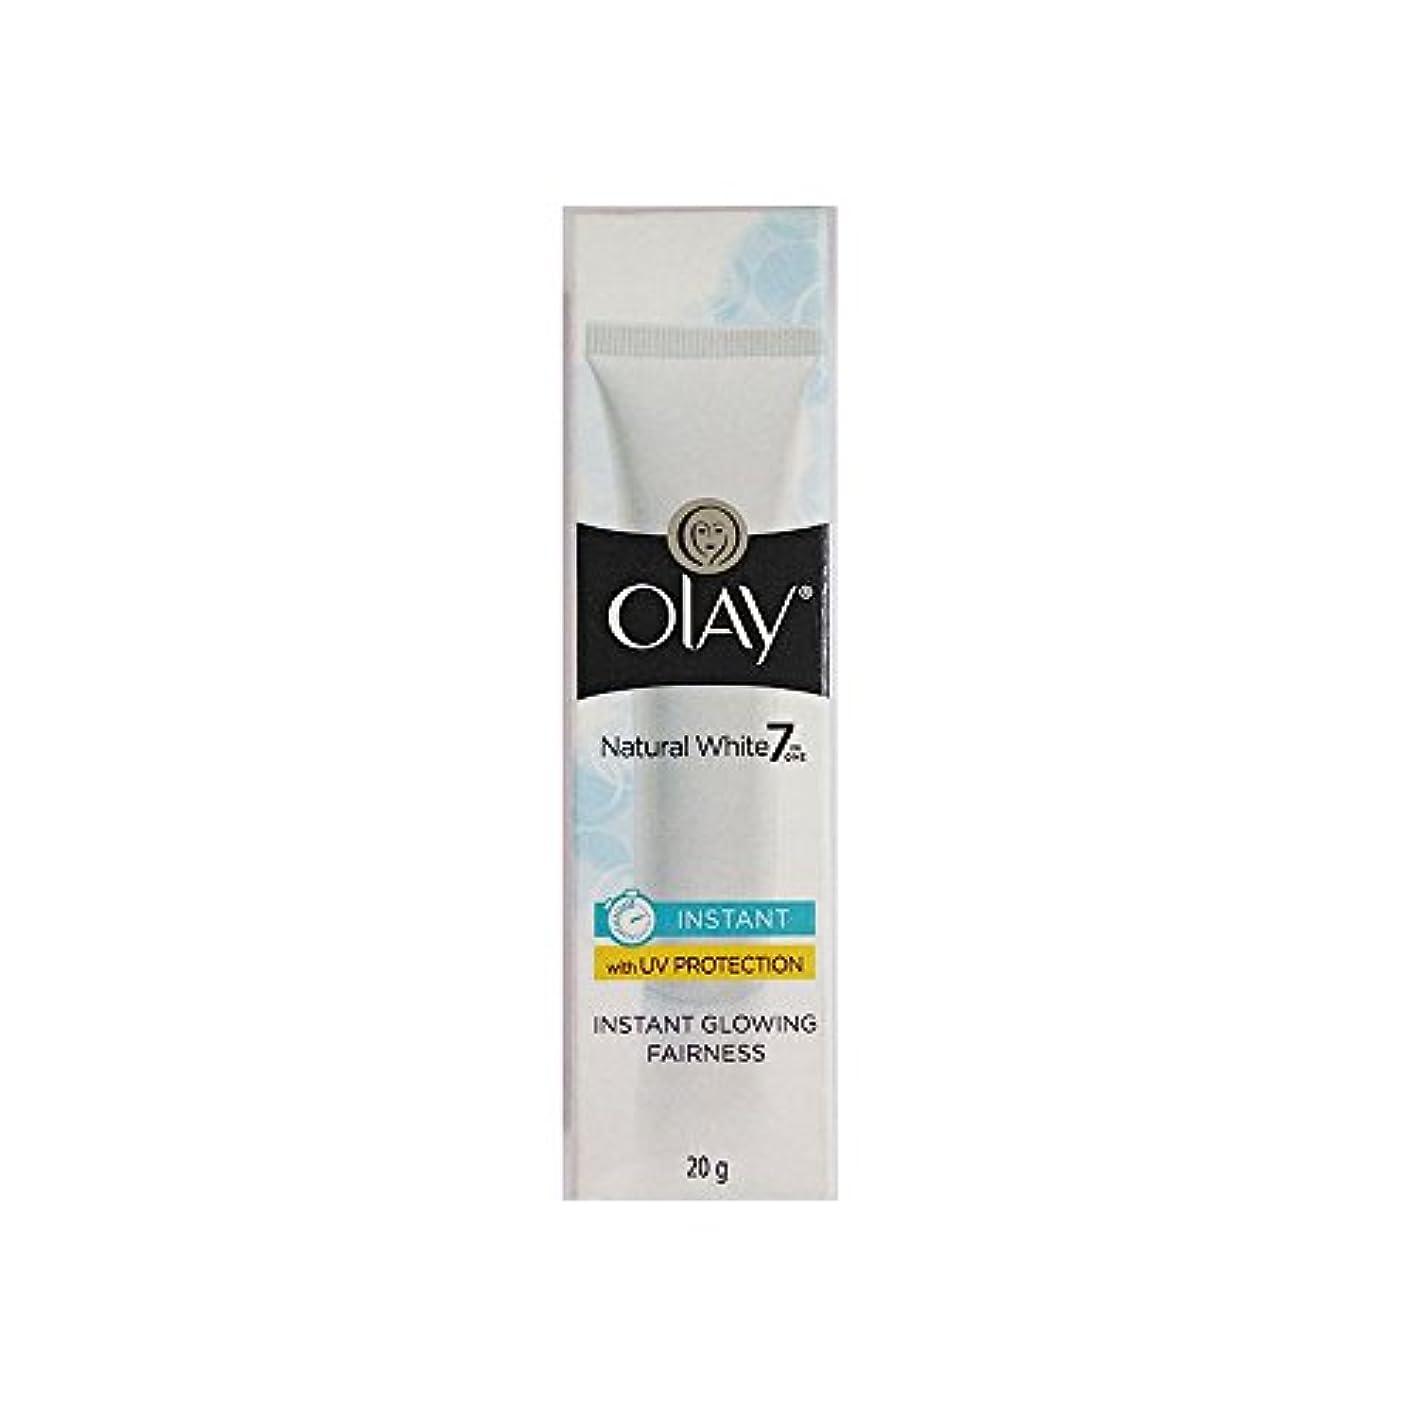 脱走くつろぐ暗殺者Olay Natural White Light Instant Glowing Fairness Cream, 20g